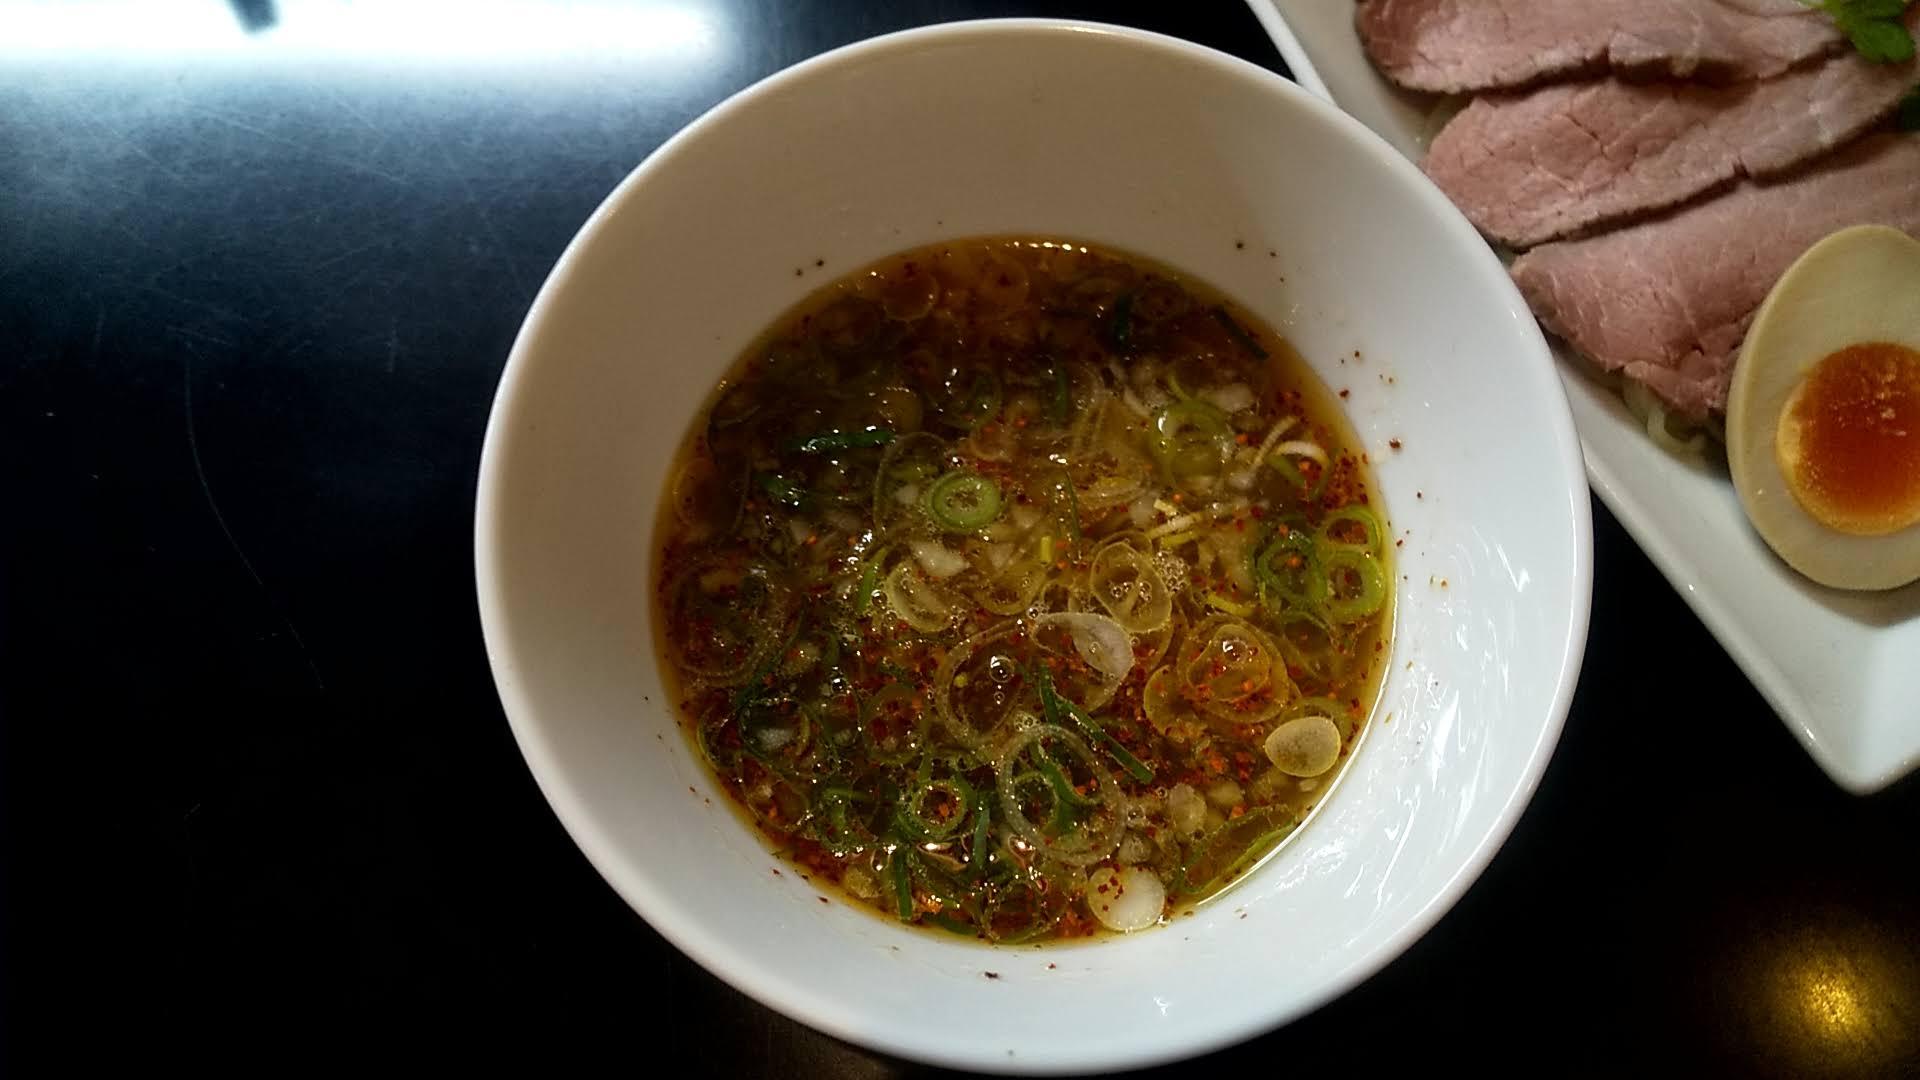 マタドールの贅沢焼牛つけ麺のつけ汁